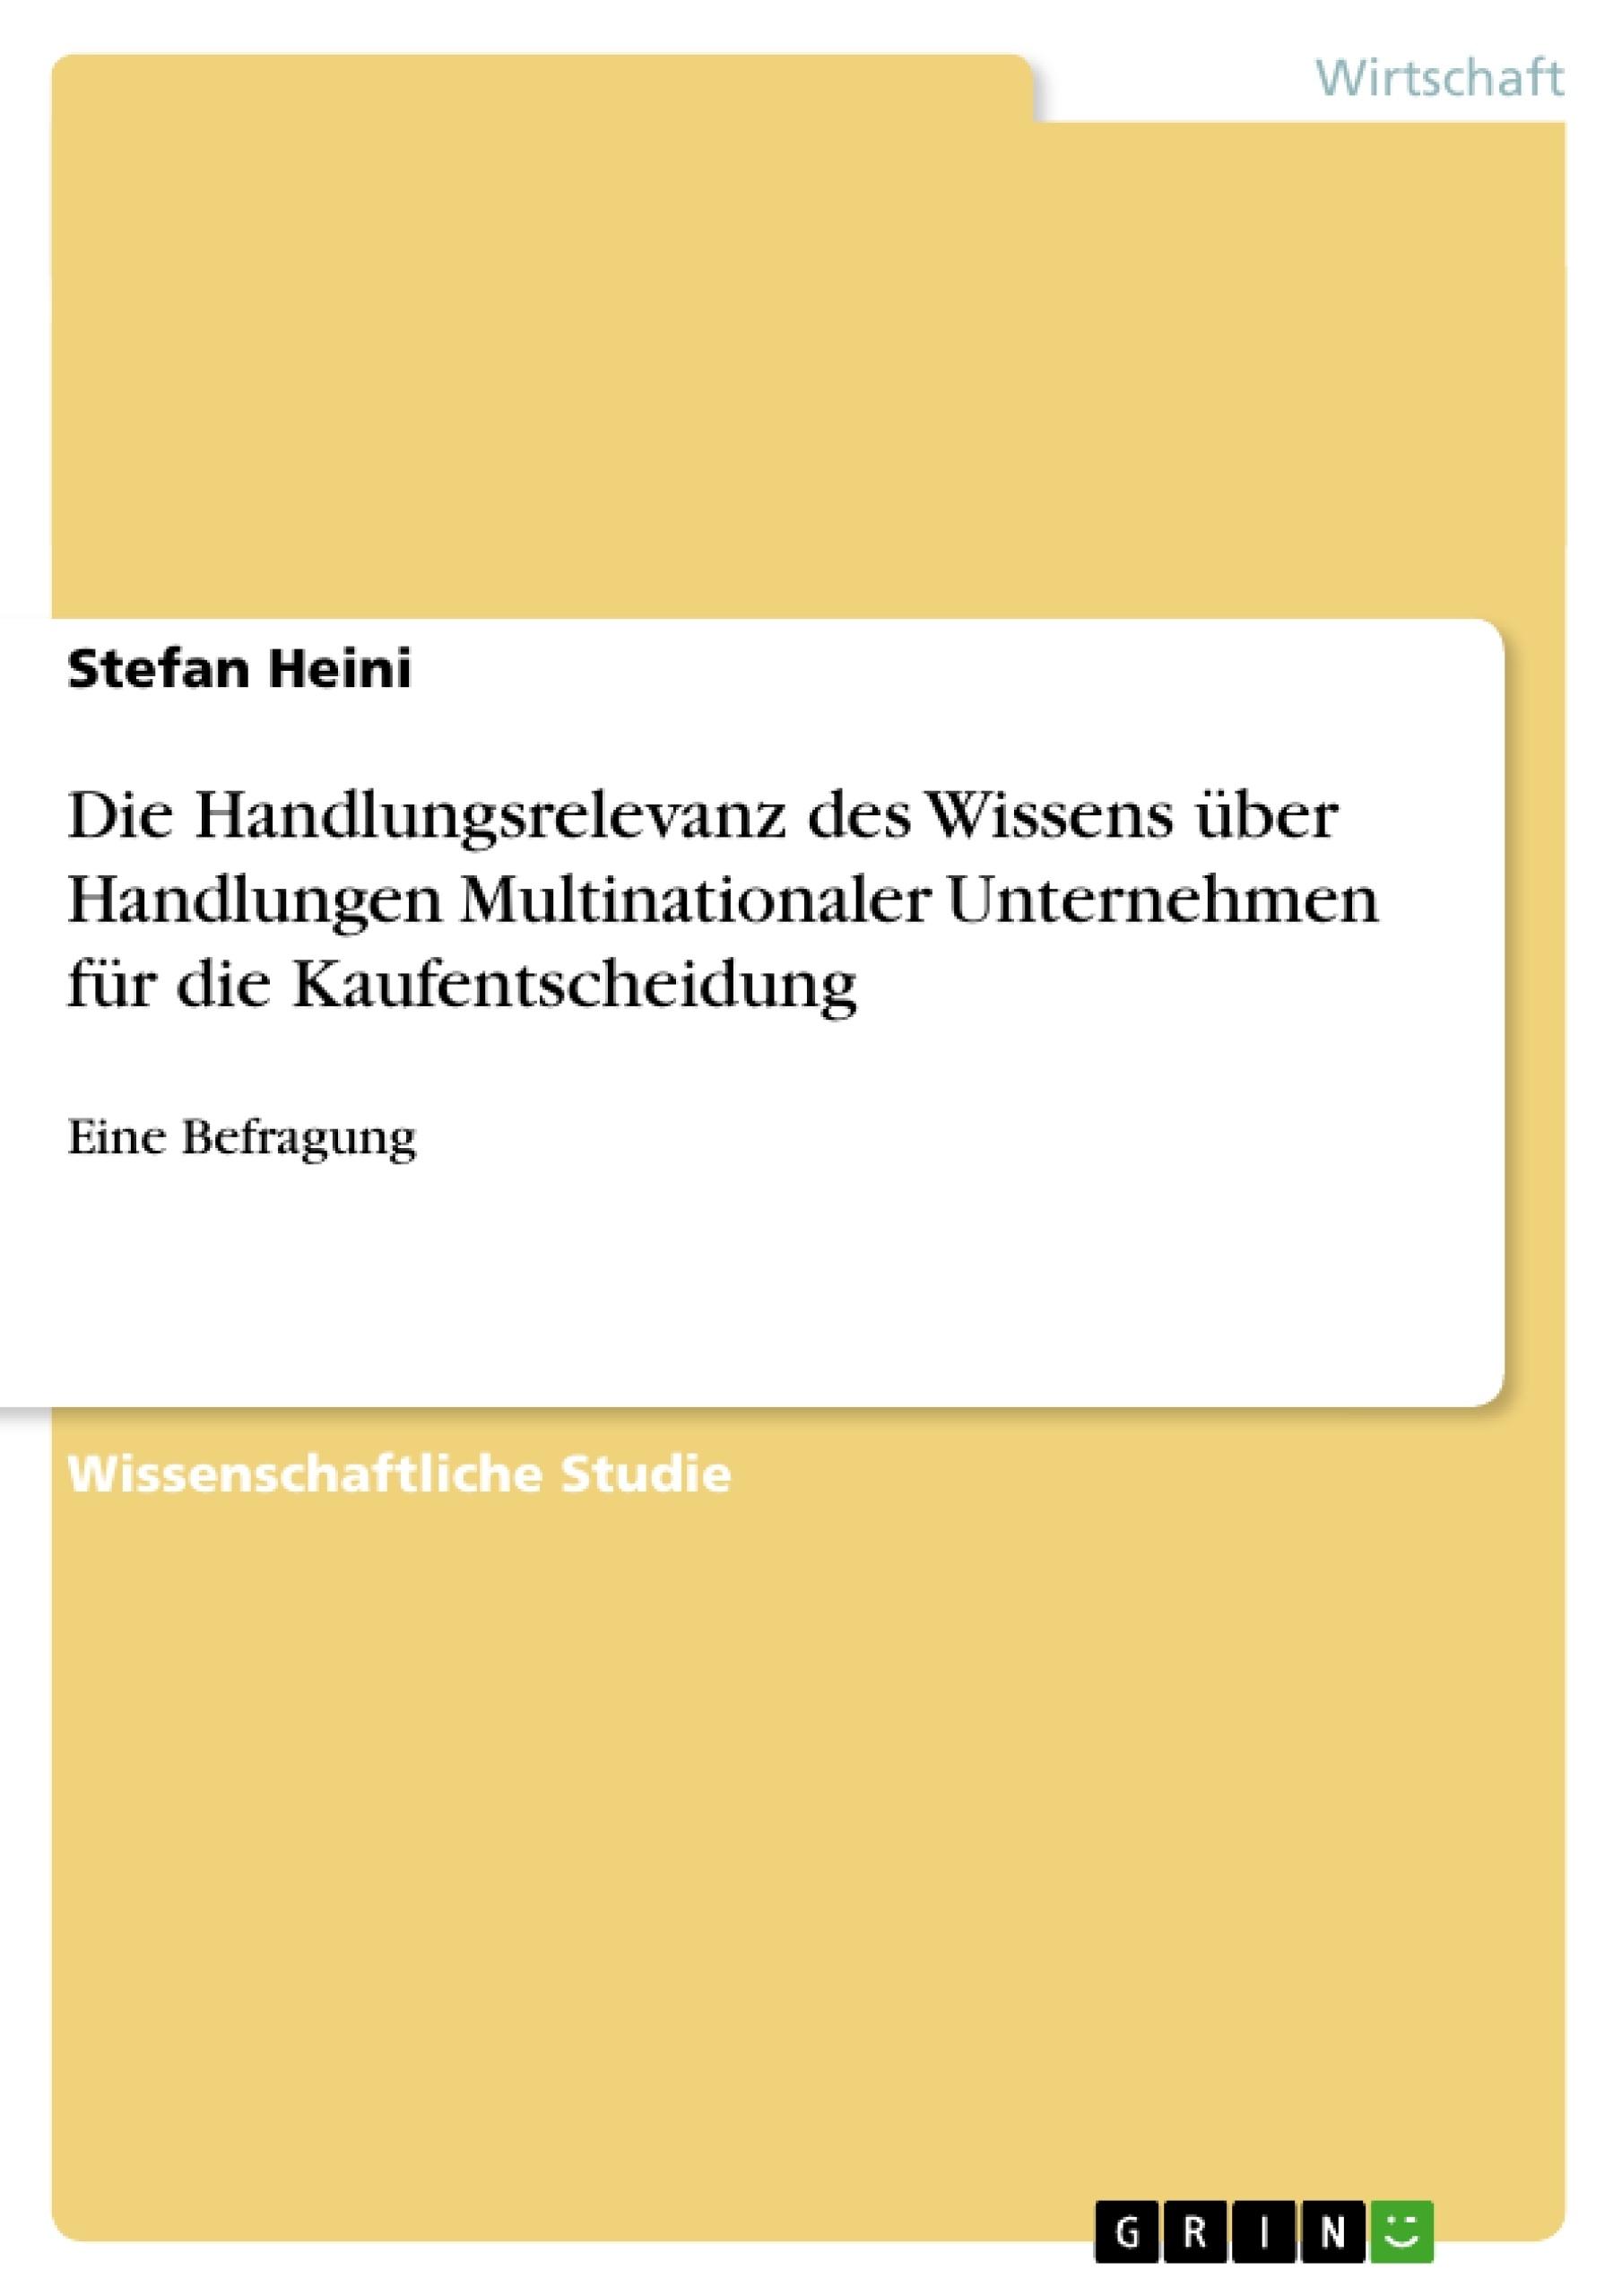 Titel: Die Handlungsrelevanz des Wissens über Handlungen Multinationaler Unternehmen für die Kaufentscheidung